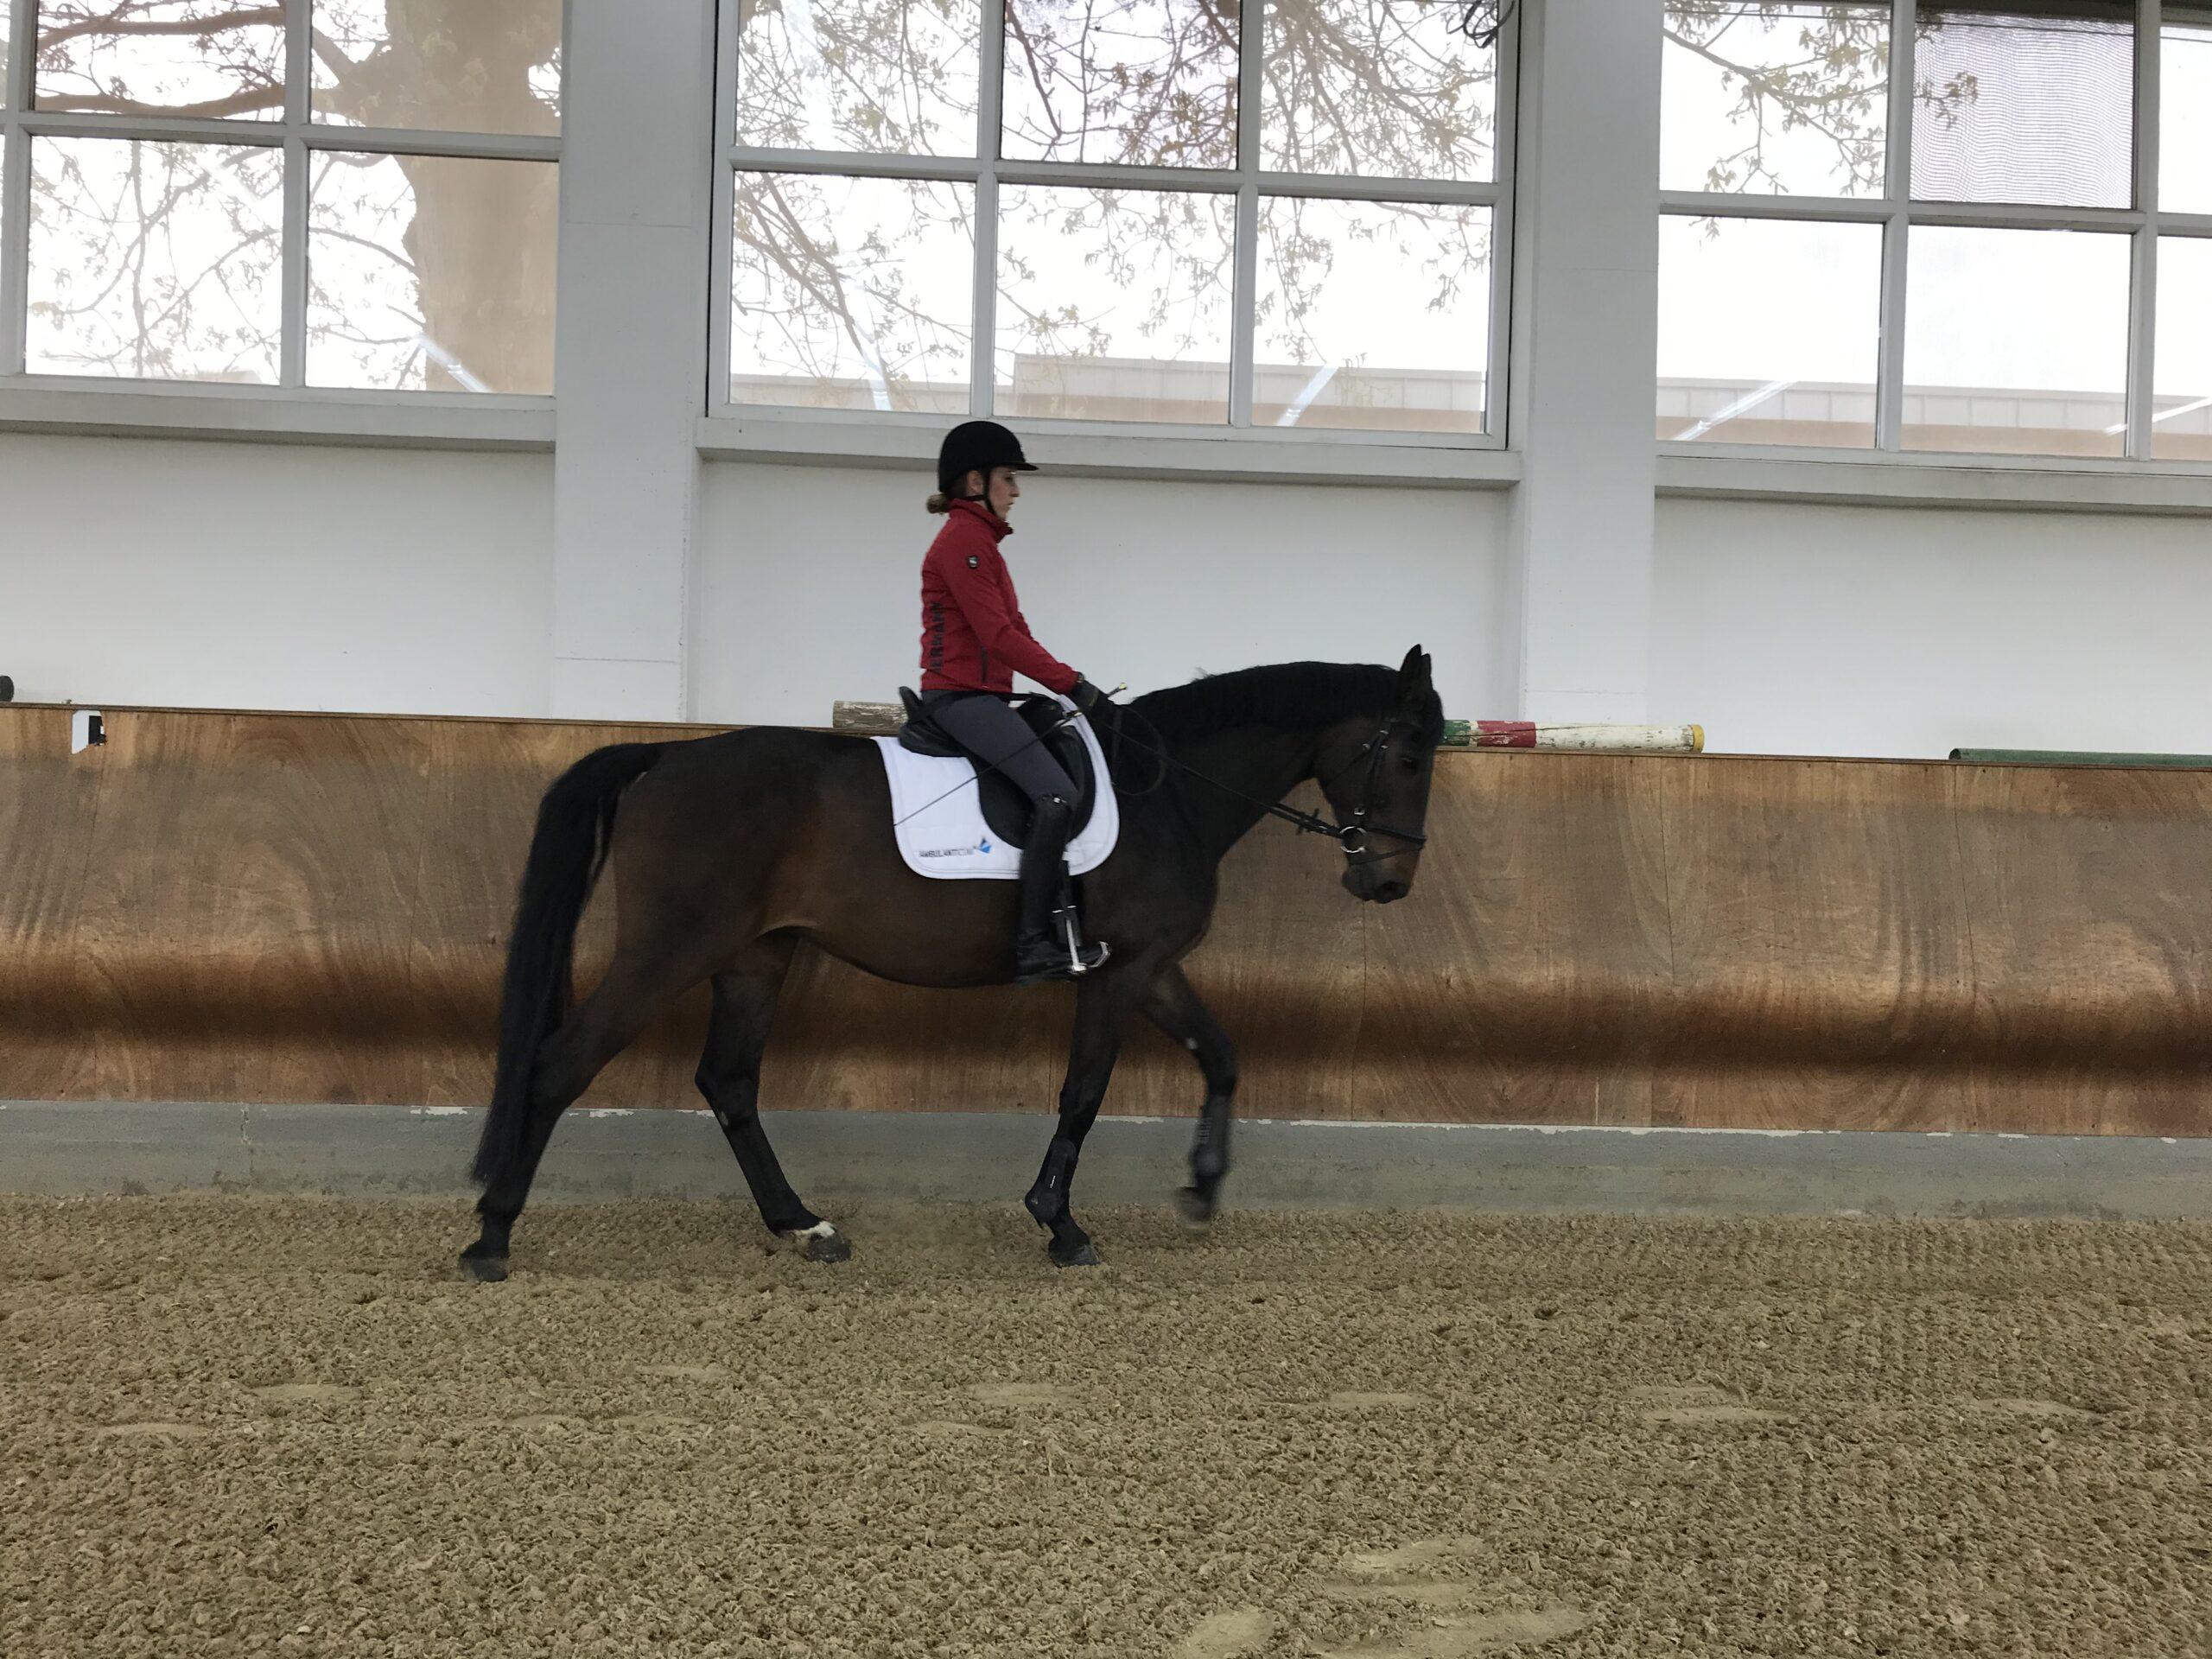 Eine Reiterin sitzt auf einem Pferd und reitet in einer Reithalle.